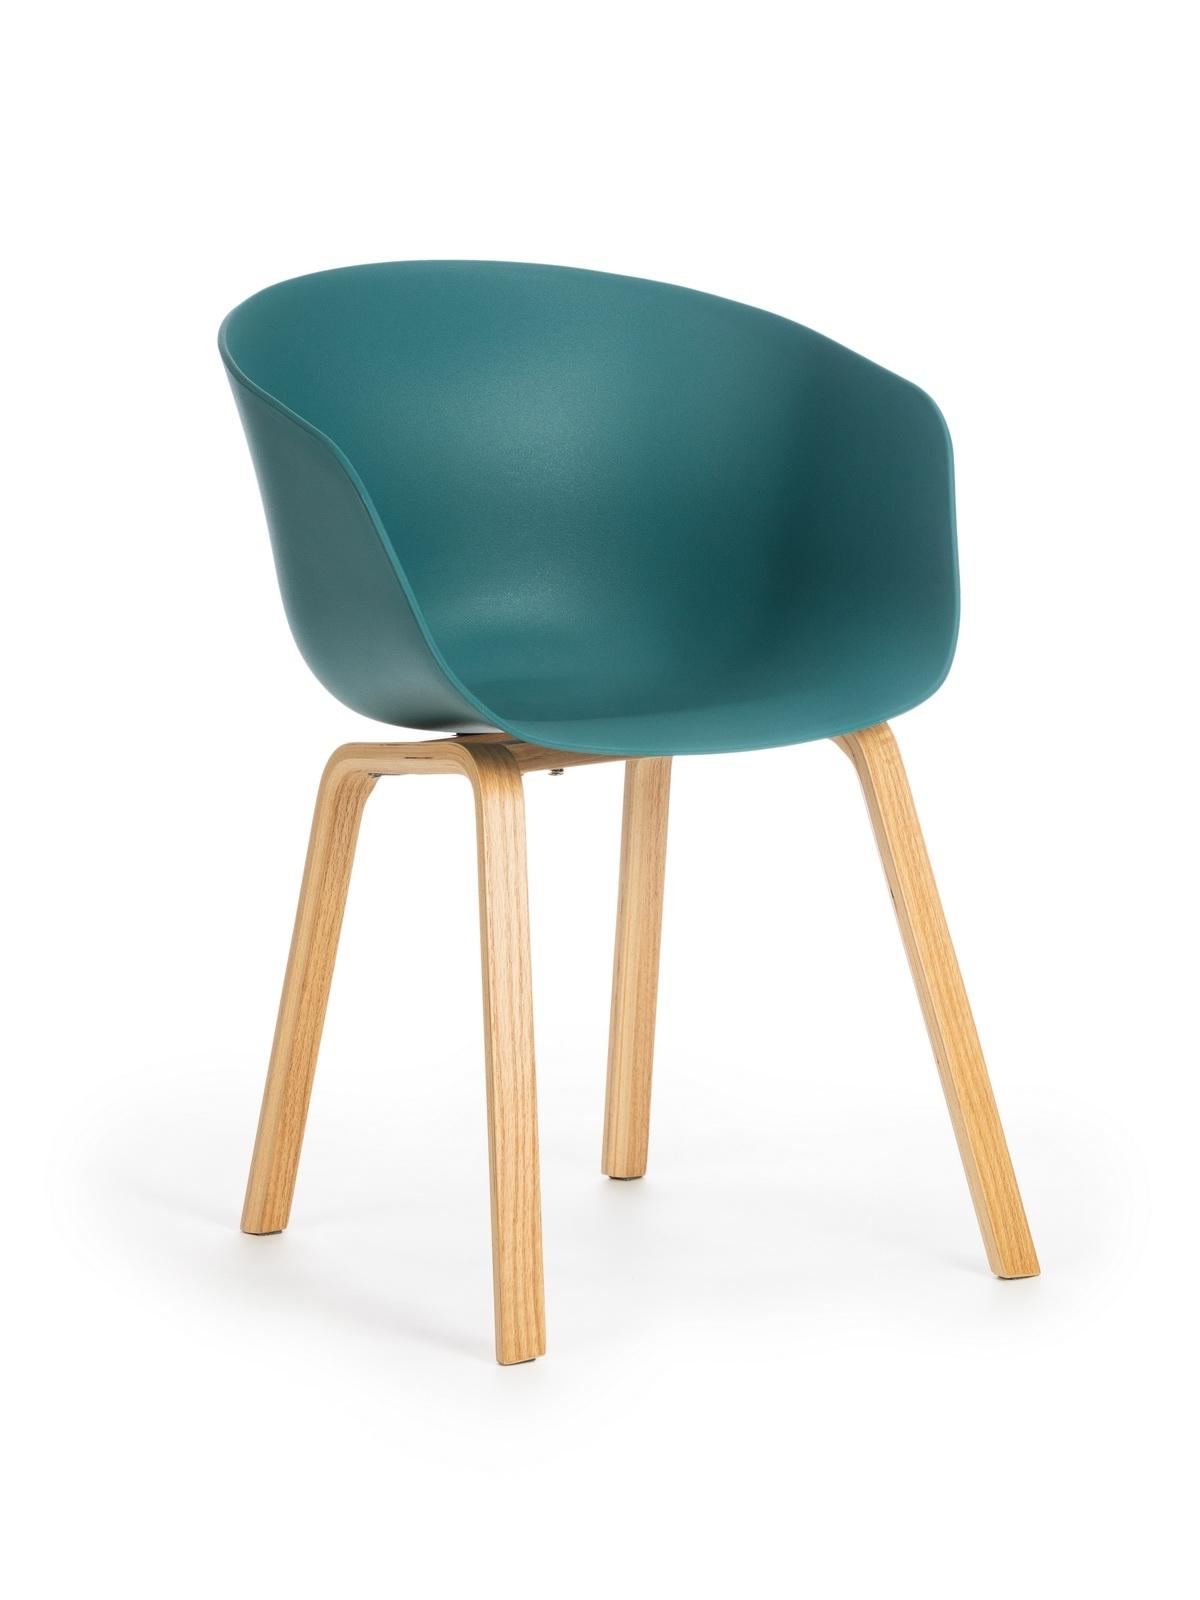 Scaun din plastic cu picioare din lemn Iris Teal, l55xA56xH80 cm